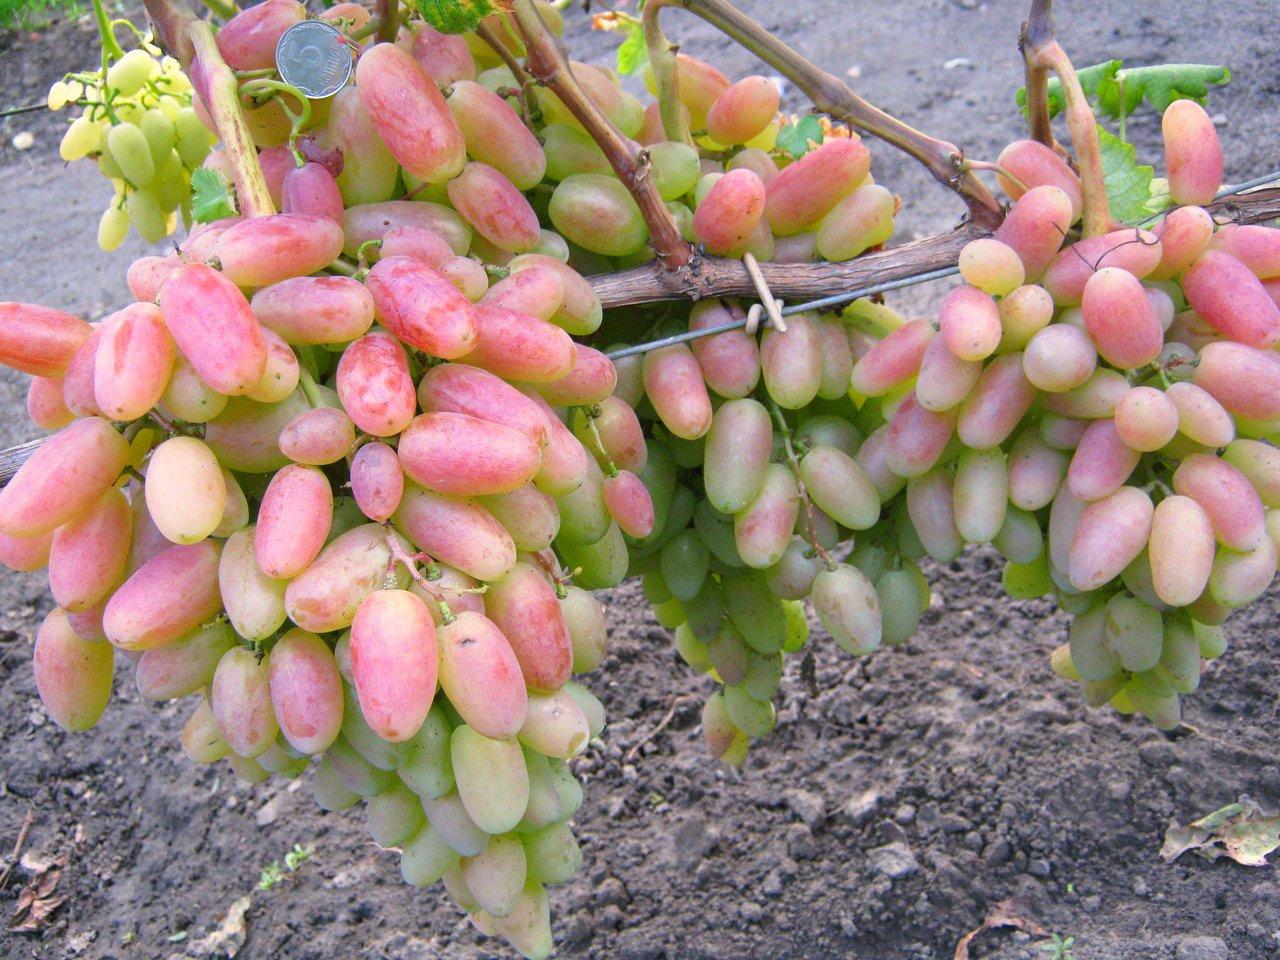 Описание сорта винограда юбилей новочеркасска: фото, видео и отзывы | vinograd-loza